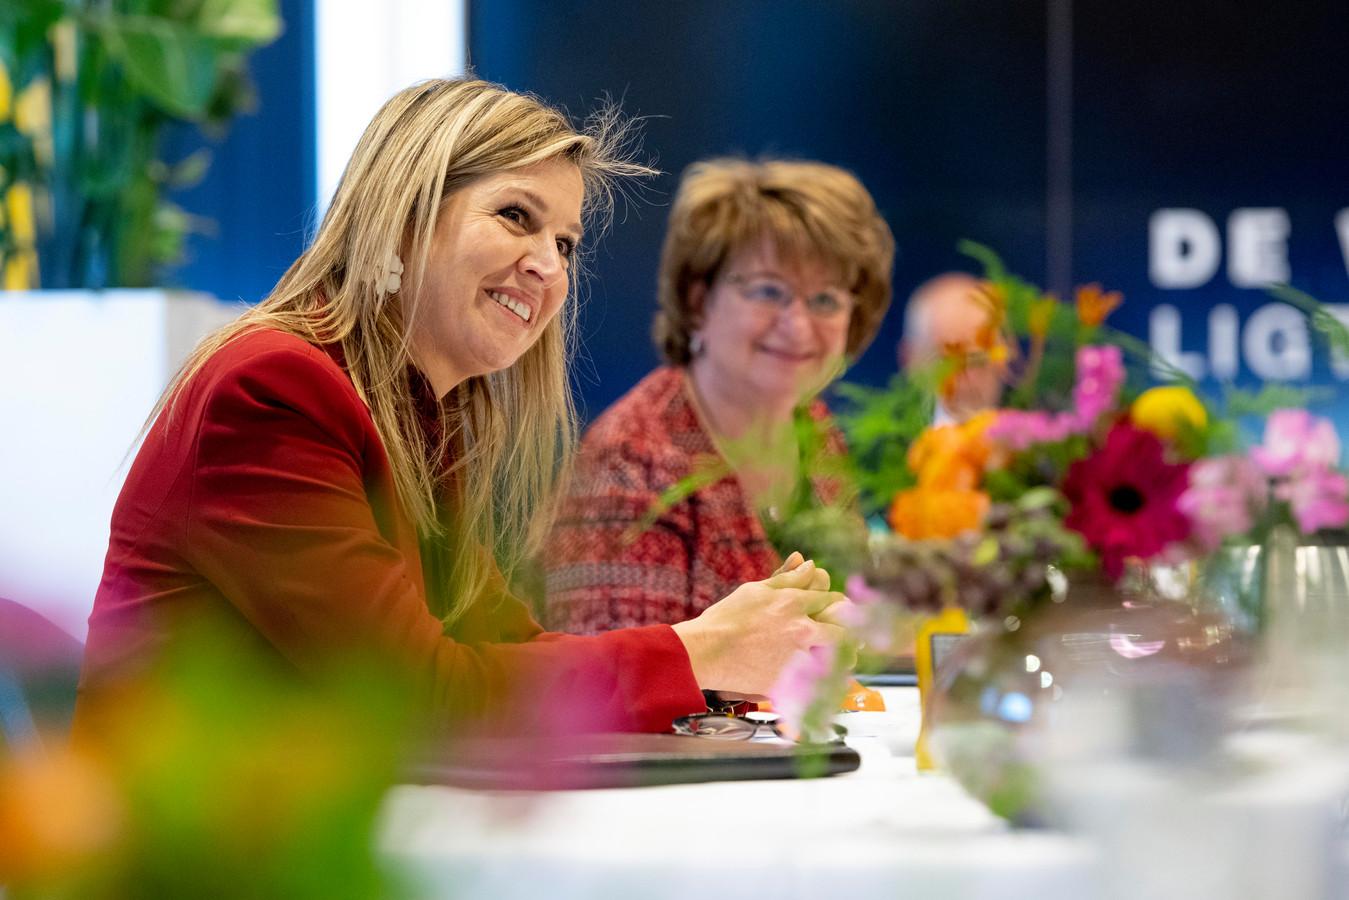 Koningin Máxima en SER-voorzitter Mariëtte Hamer tijdens een werkbezoek aan de regio Gelderse Vallei bij het Veenendaalse Info Support.